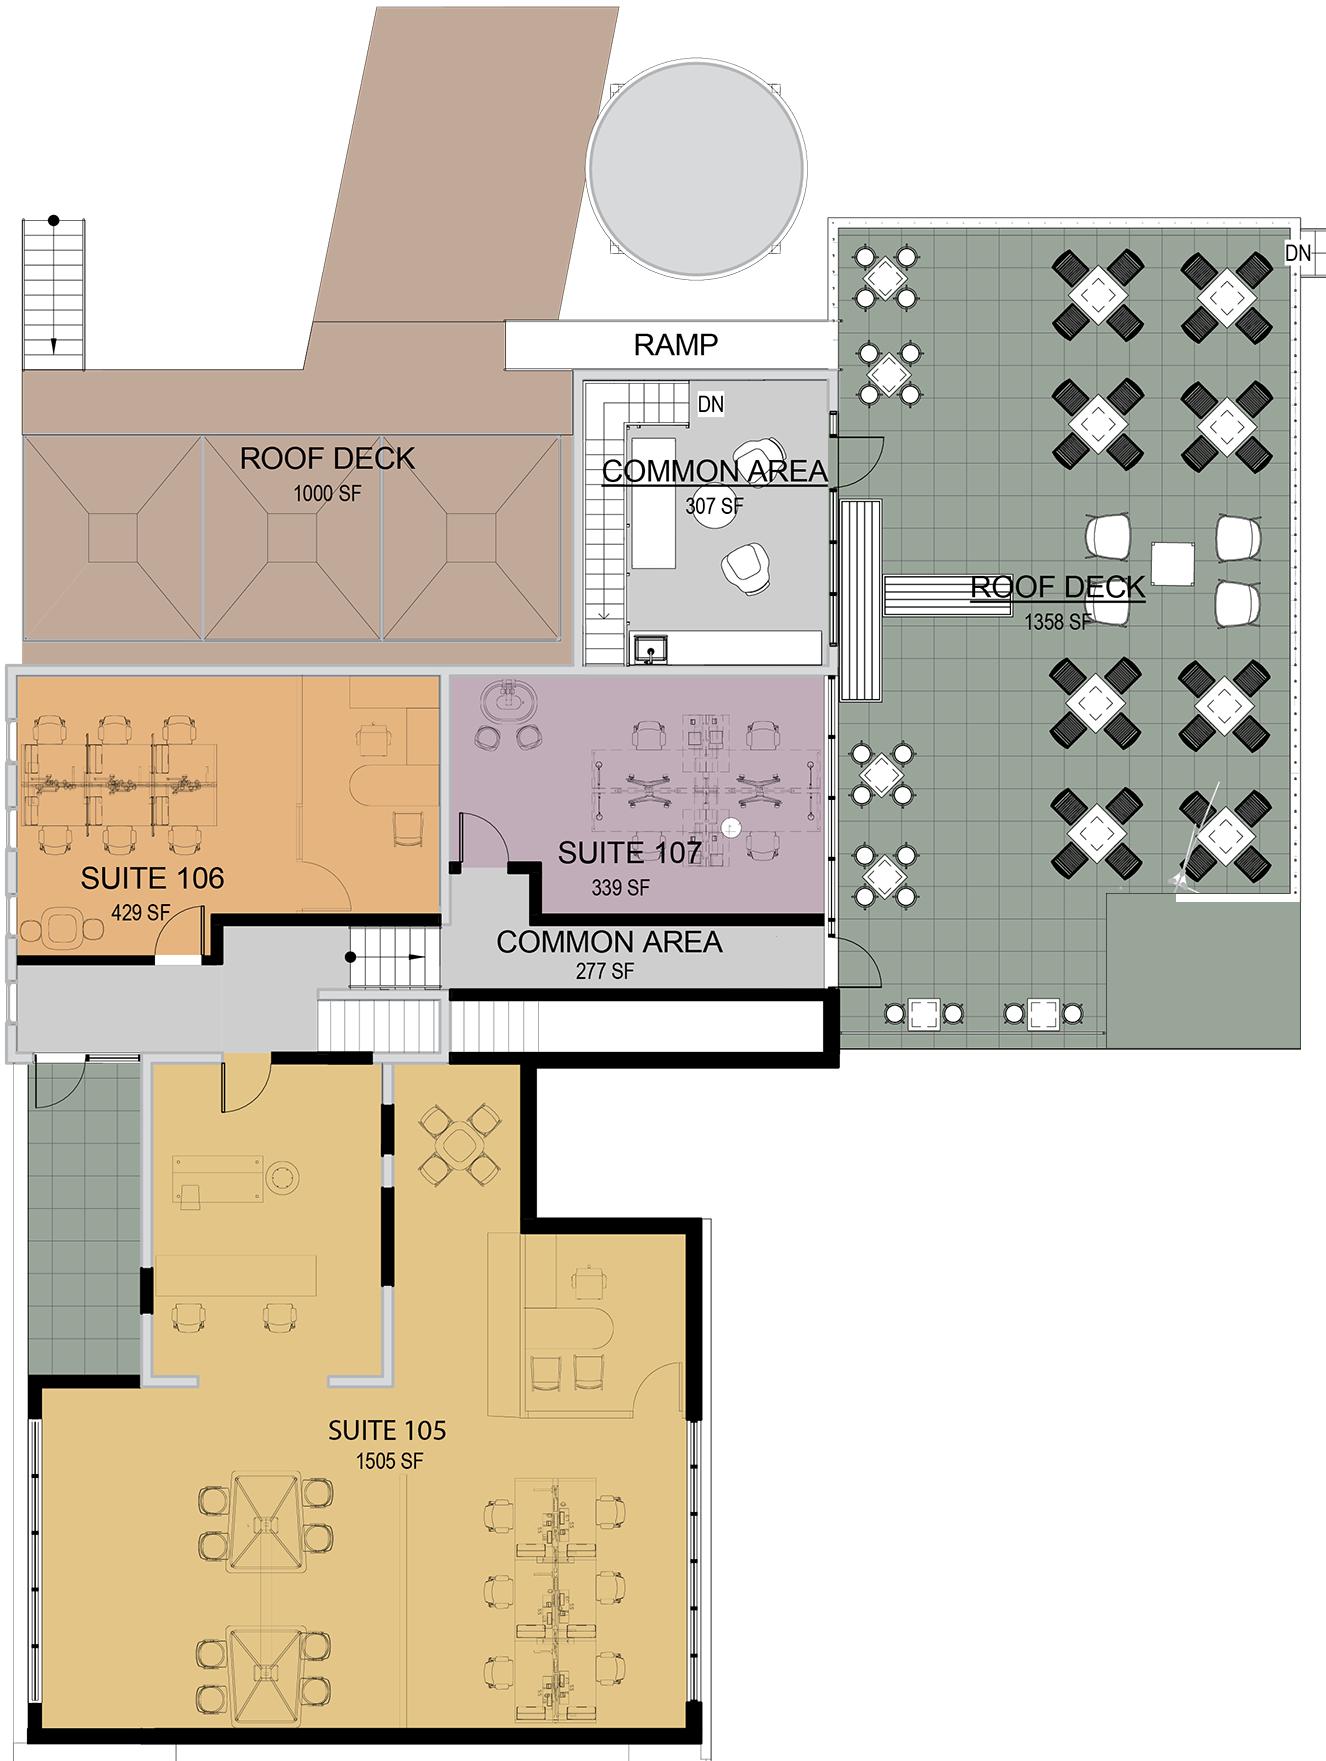 CB Floor Plans level 2 copy.png